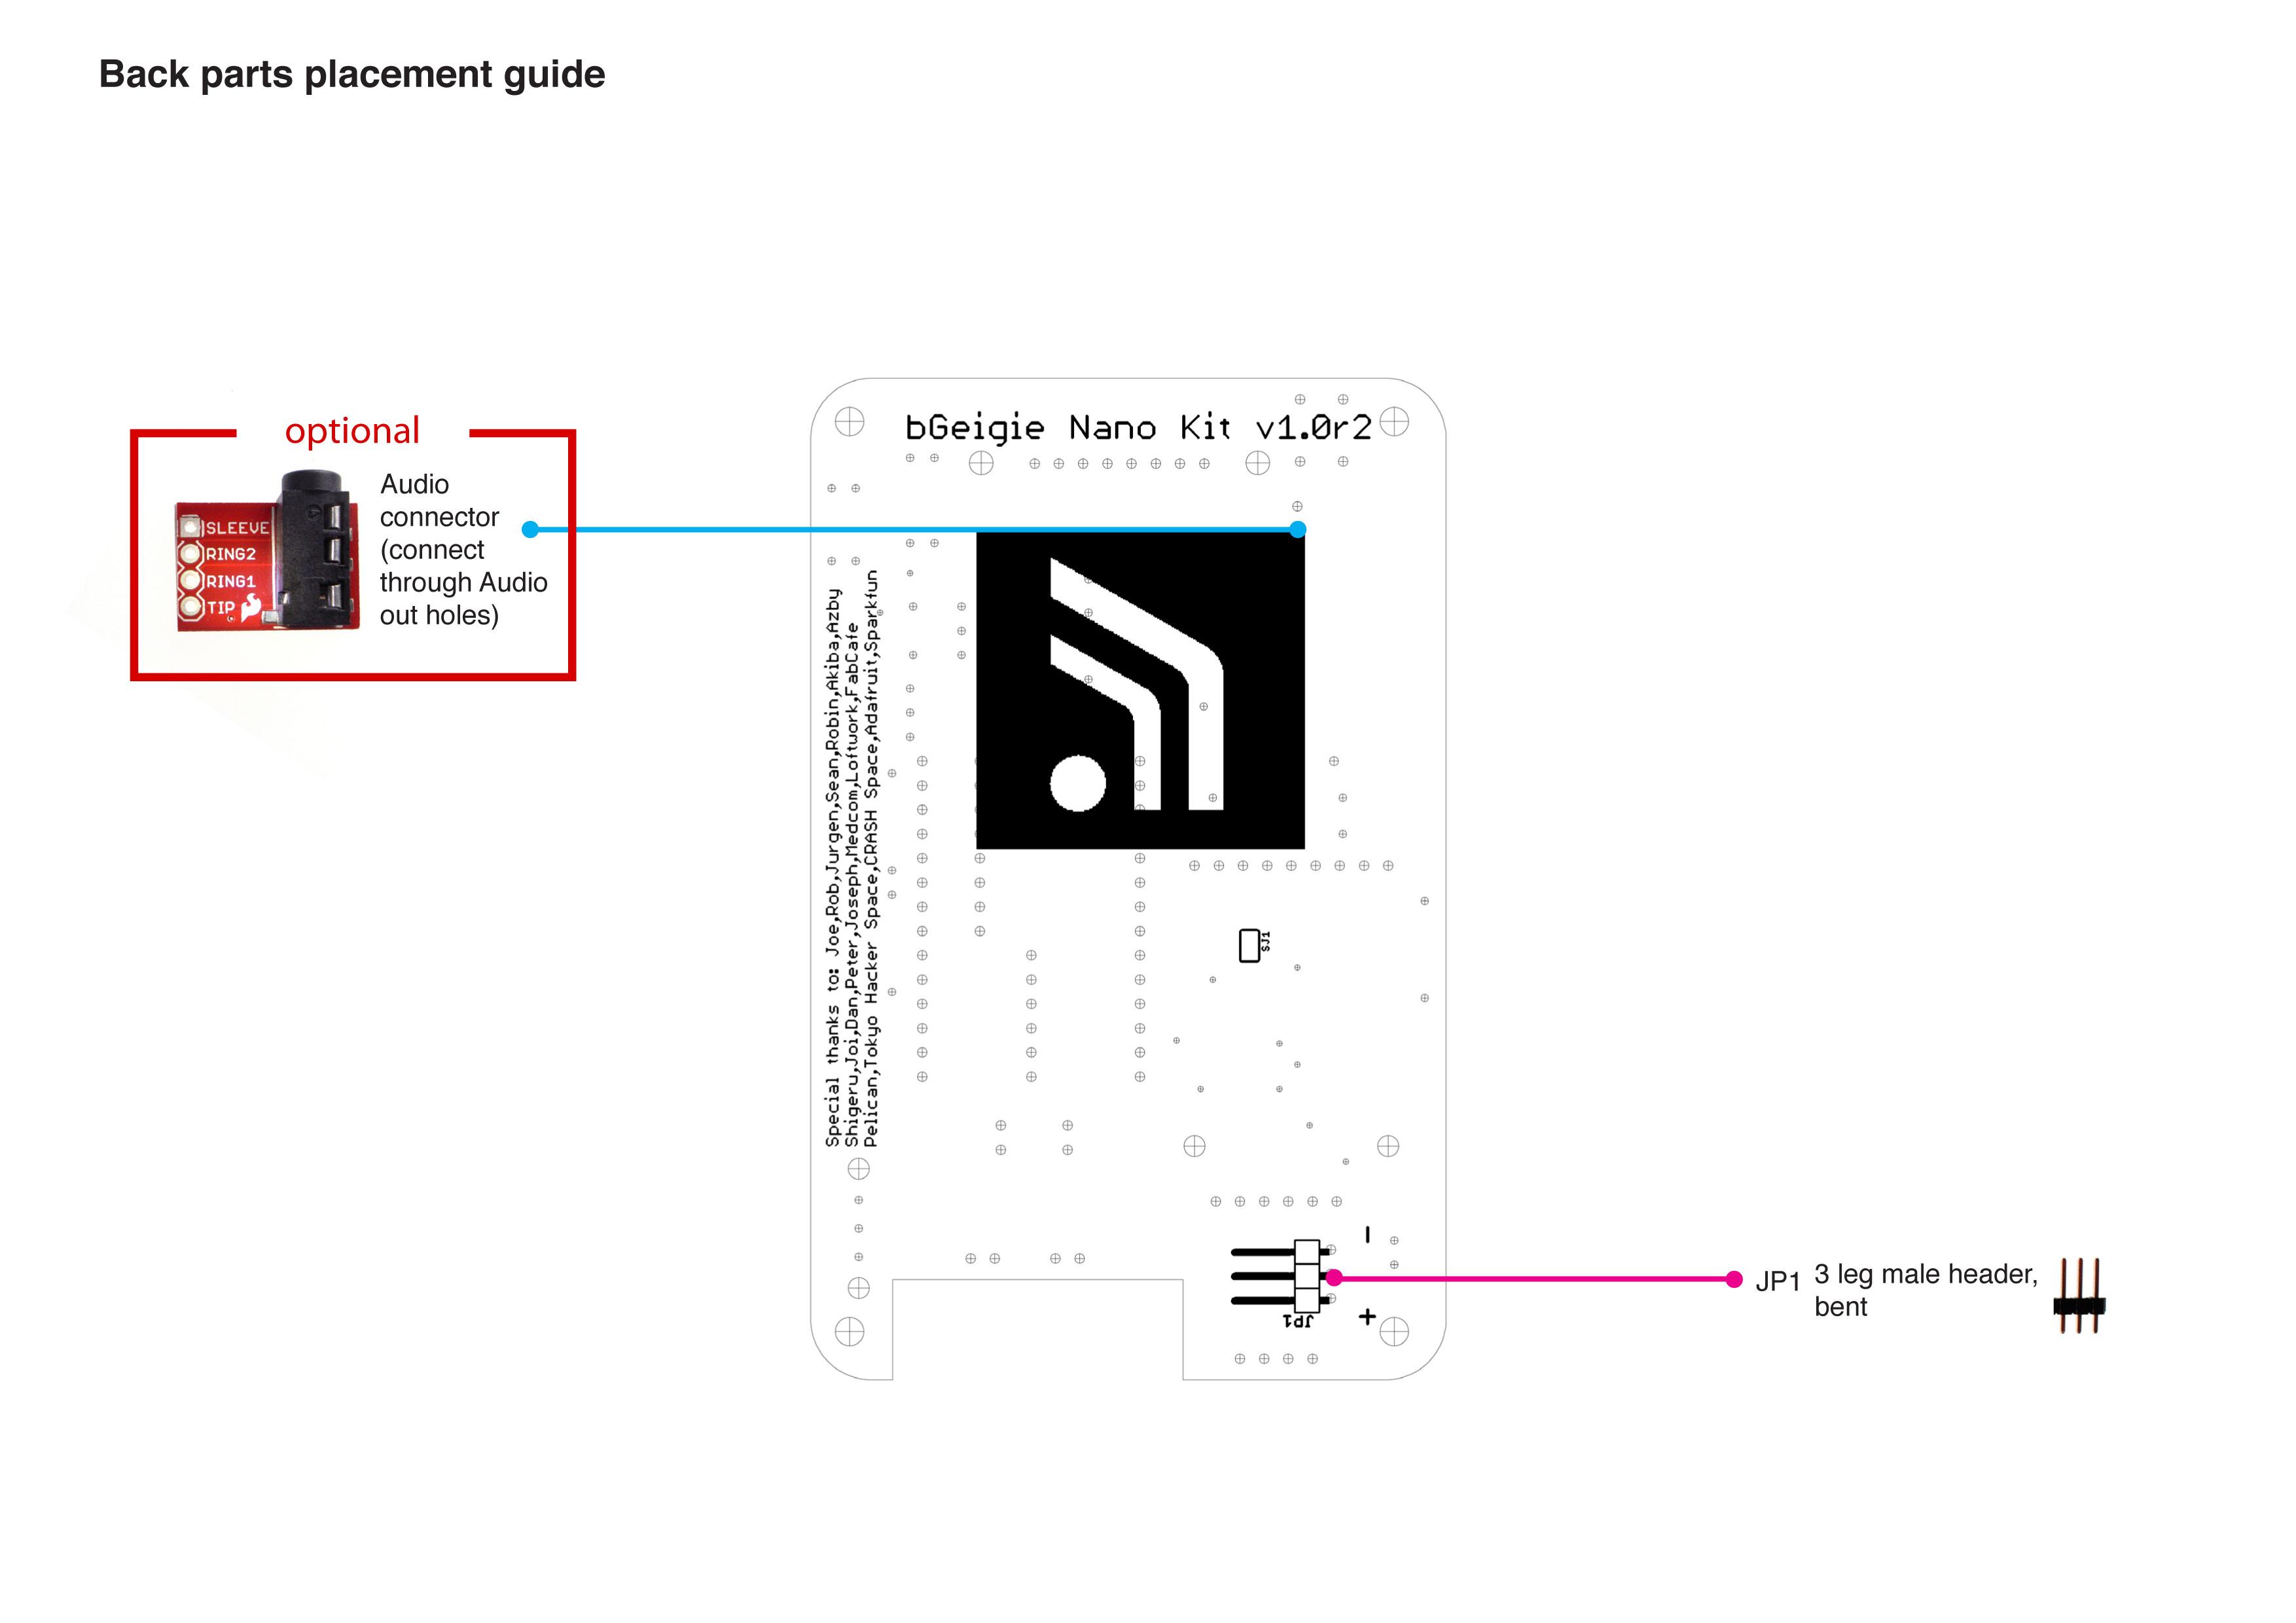 NANO MANUAL · Safecast/bGeigieNanoKit Wiki · GitHub